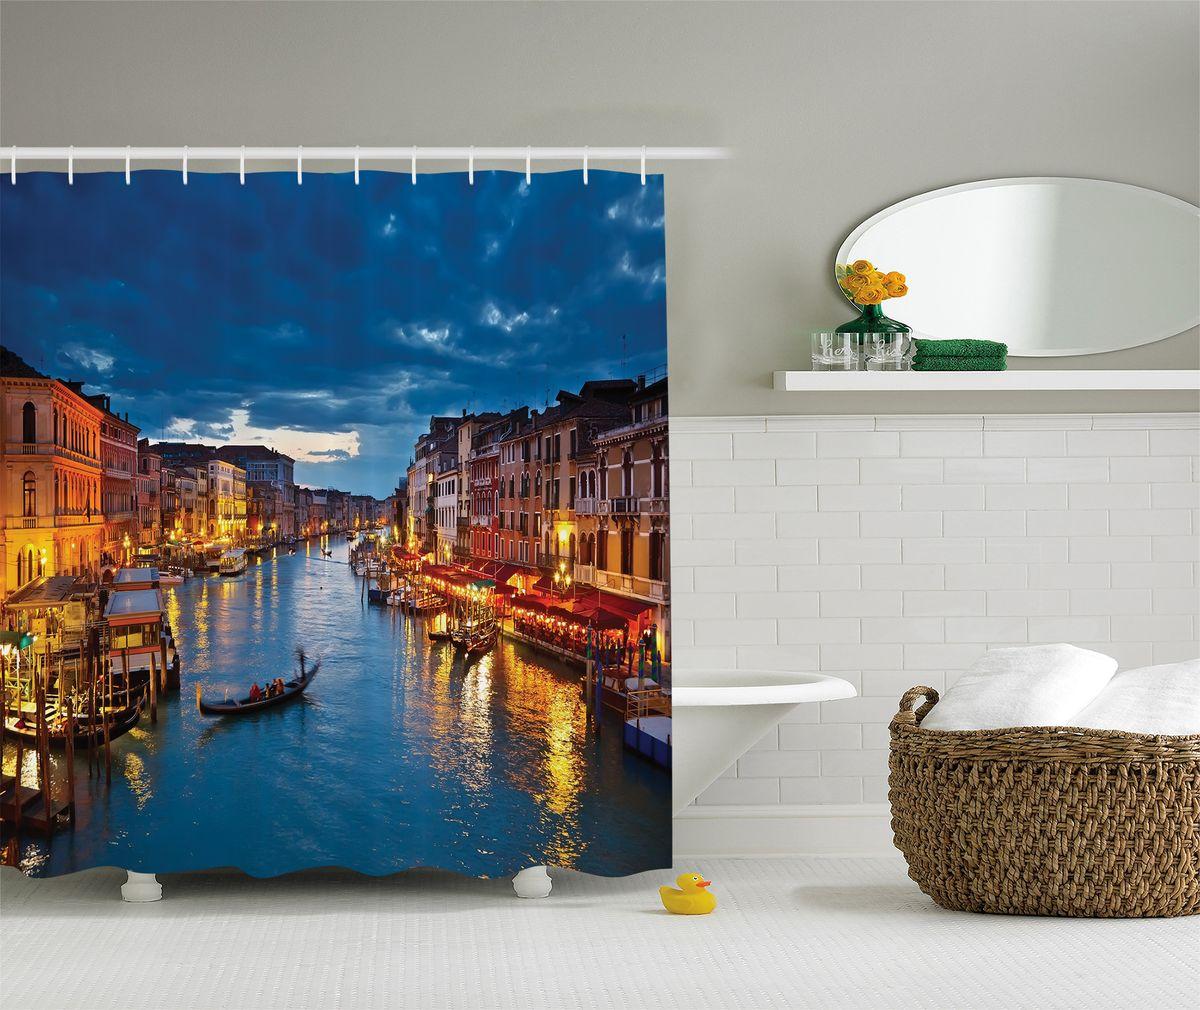 Штора для ванной комнаты Magic Lady Вечерняя Венеция, 180 х 200 смшв_8254Штора Magic Lady Вечерняя Венеция, изготовленная из высококачественного сатена (полиэстер 100%), отлично дополнит любой интерьер ванной комнаты. При изготовлении используются специальные гипоаллергенные чернила для прямой печати по ткани, безопасные для человека. В комплекте: 1 штора, 12 крючков. Обращаем ваше внимание, фактический цвет изделия может незначительно отличаться от представленного на фото.